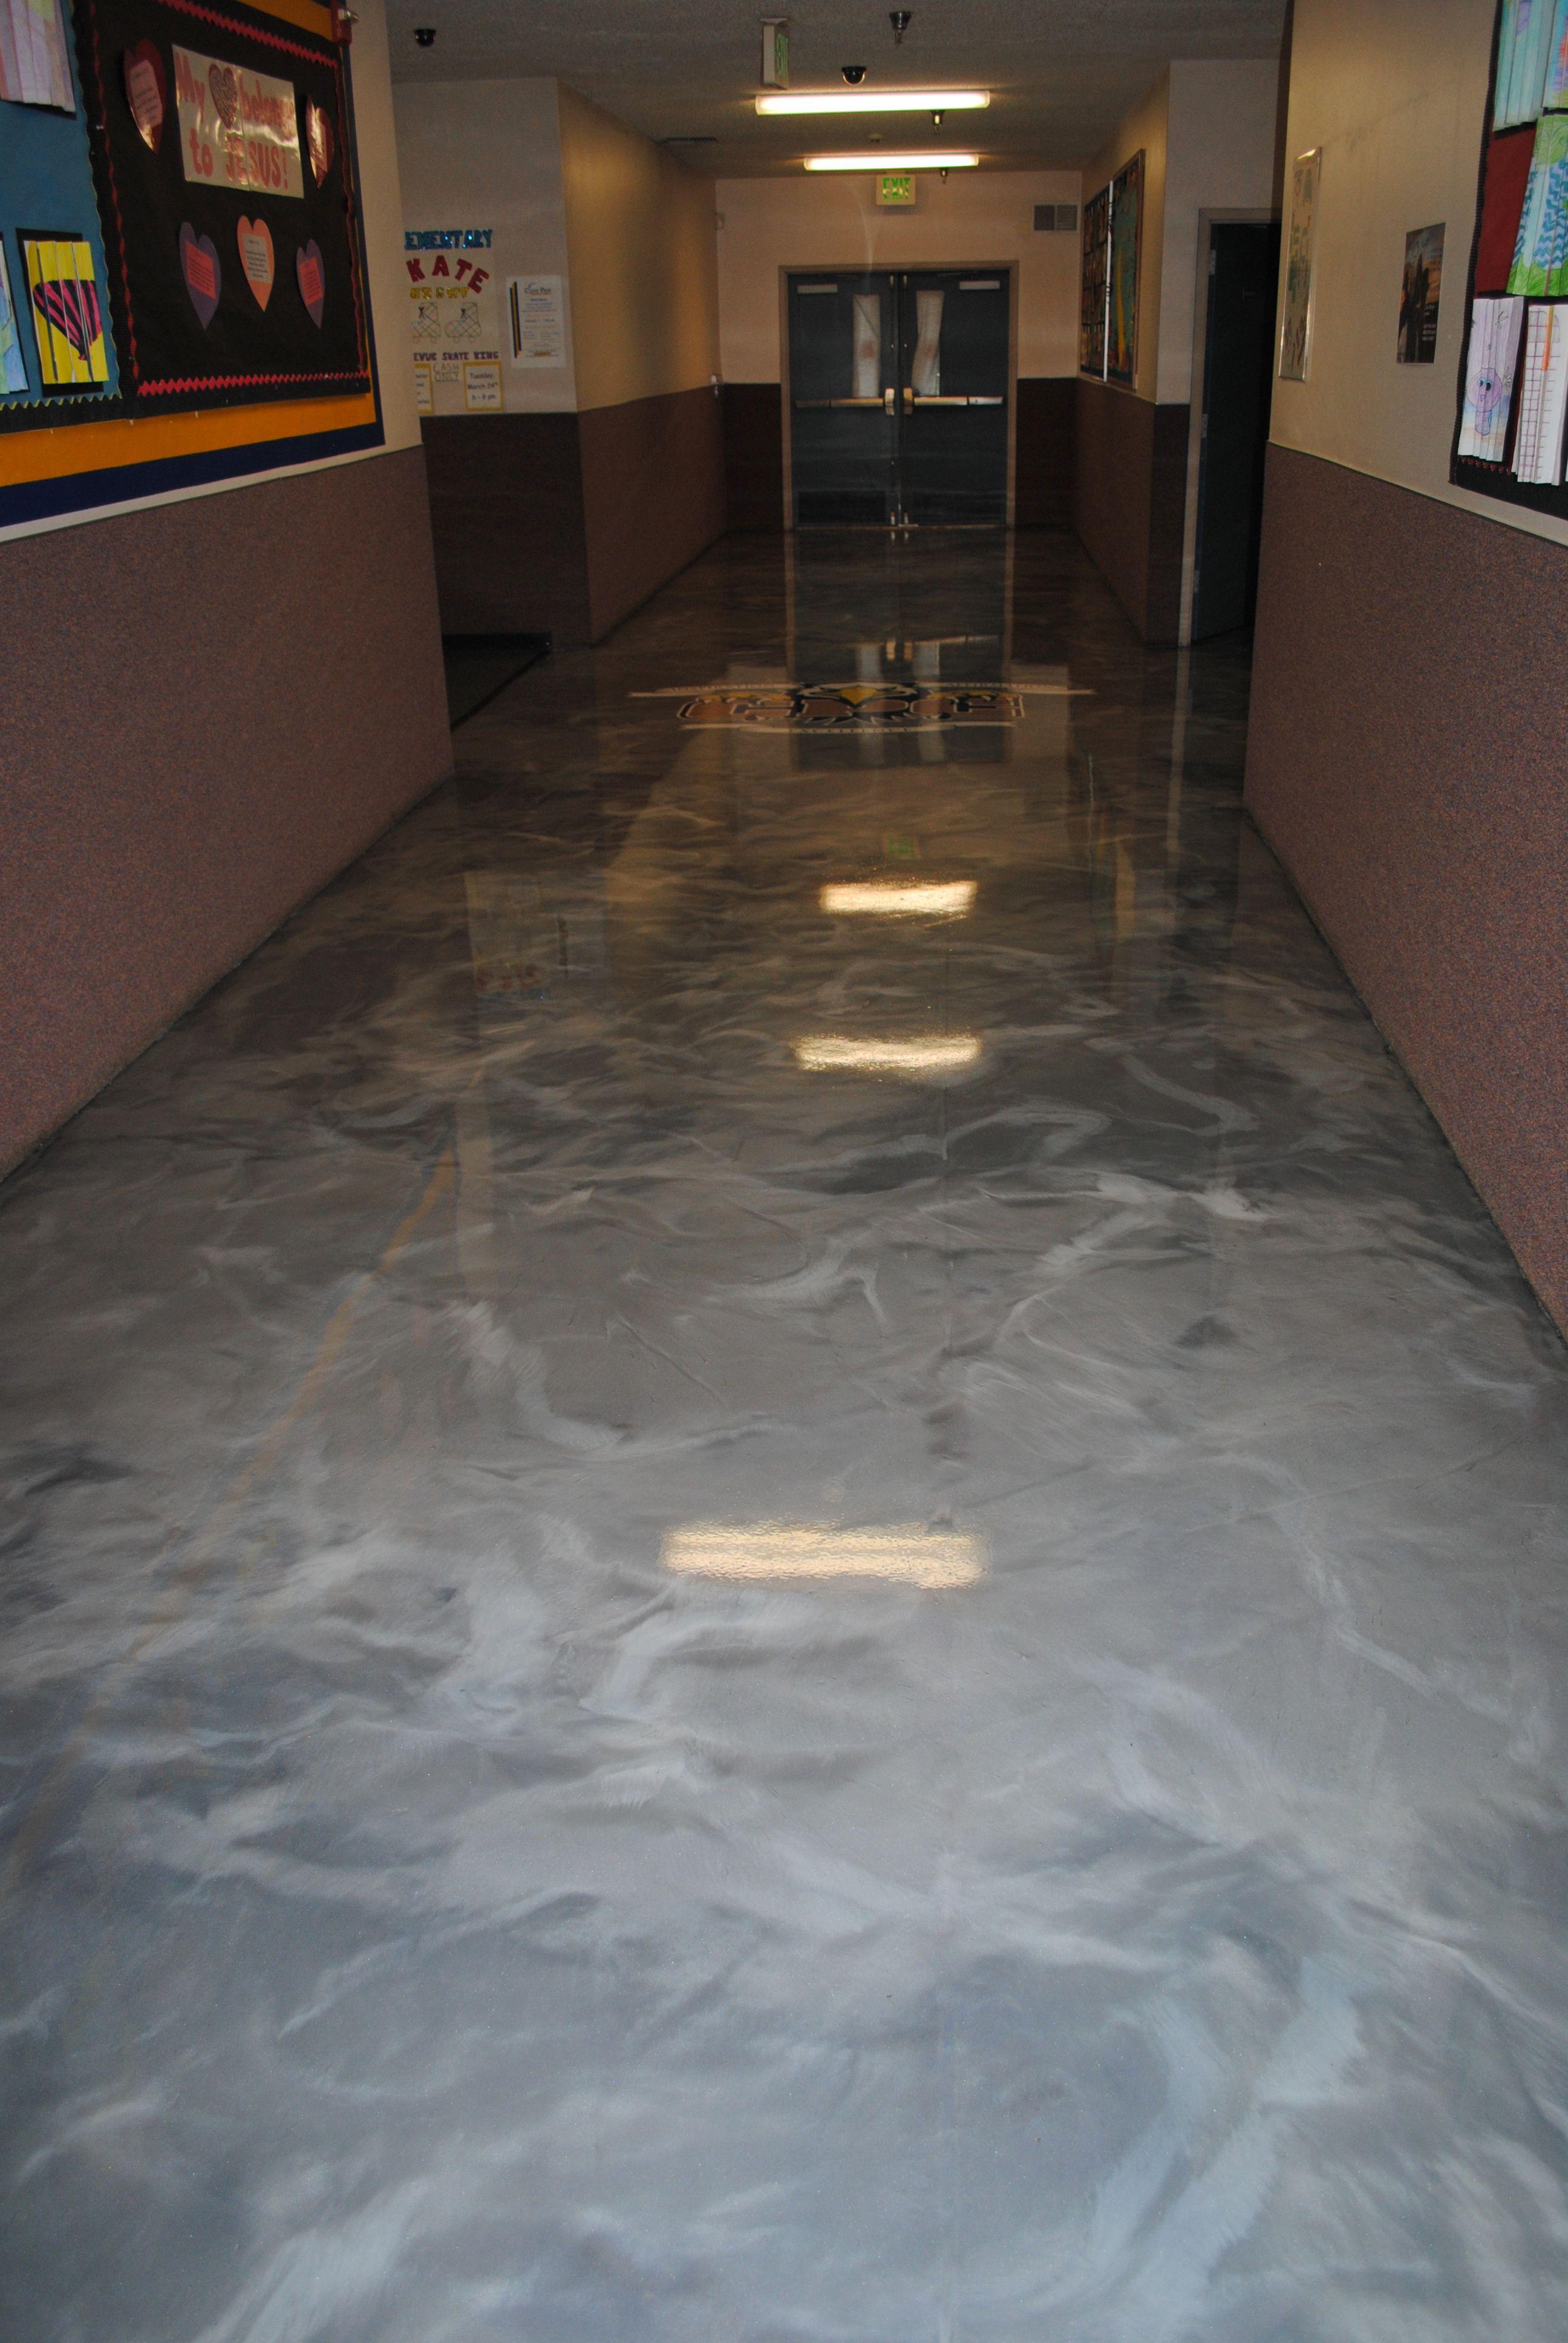 Designer Metallic Epoxy Floor In A School Building Metallicepoxy